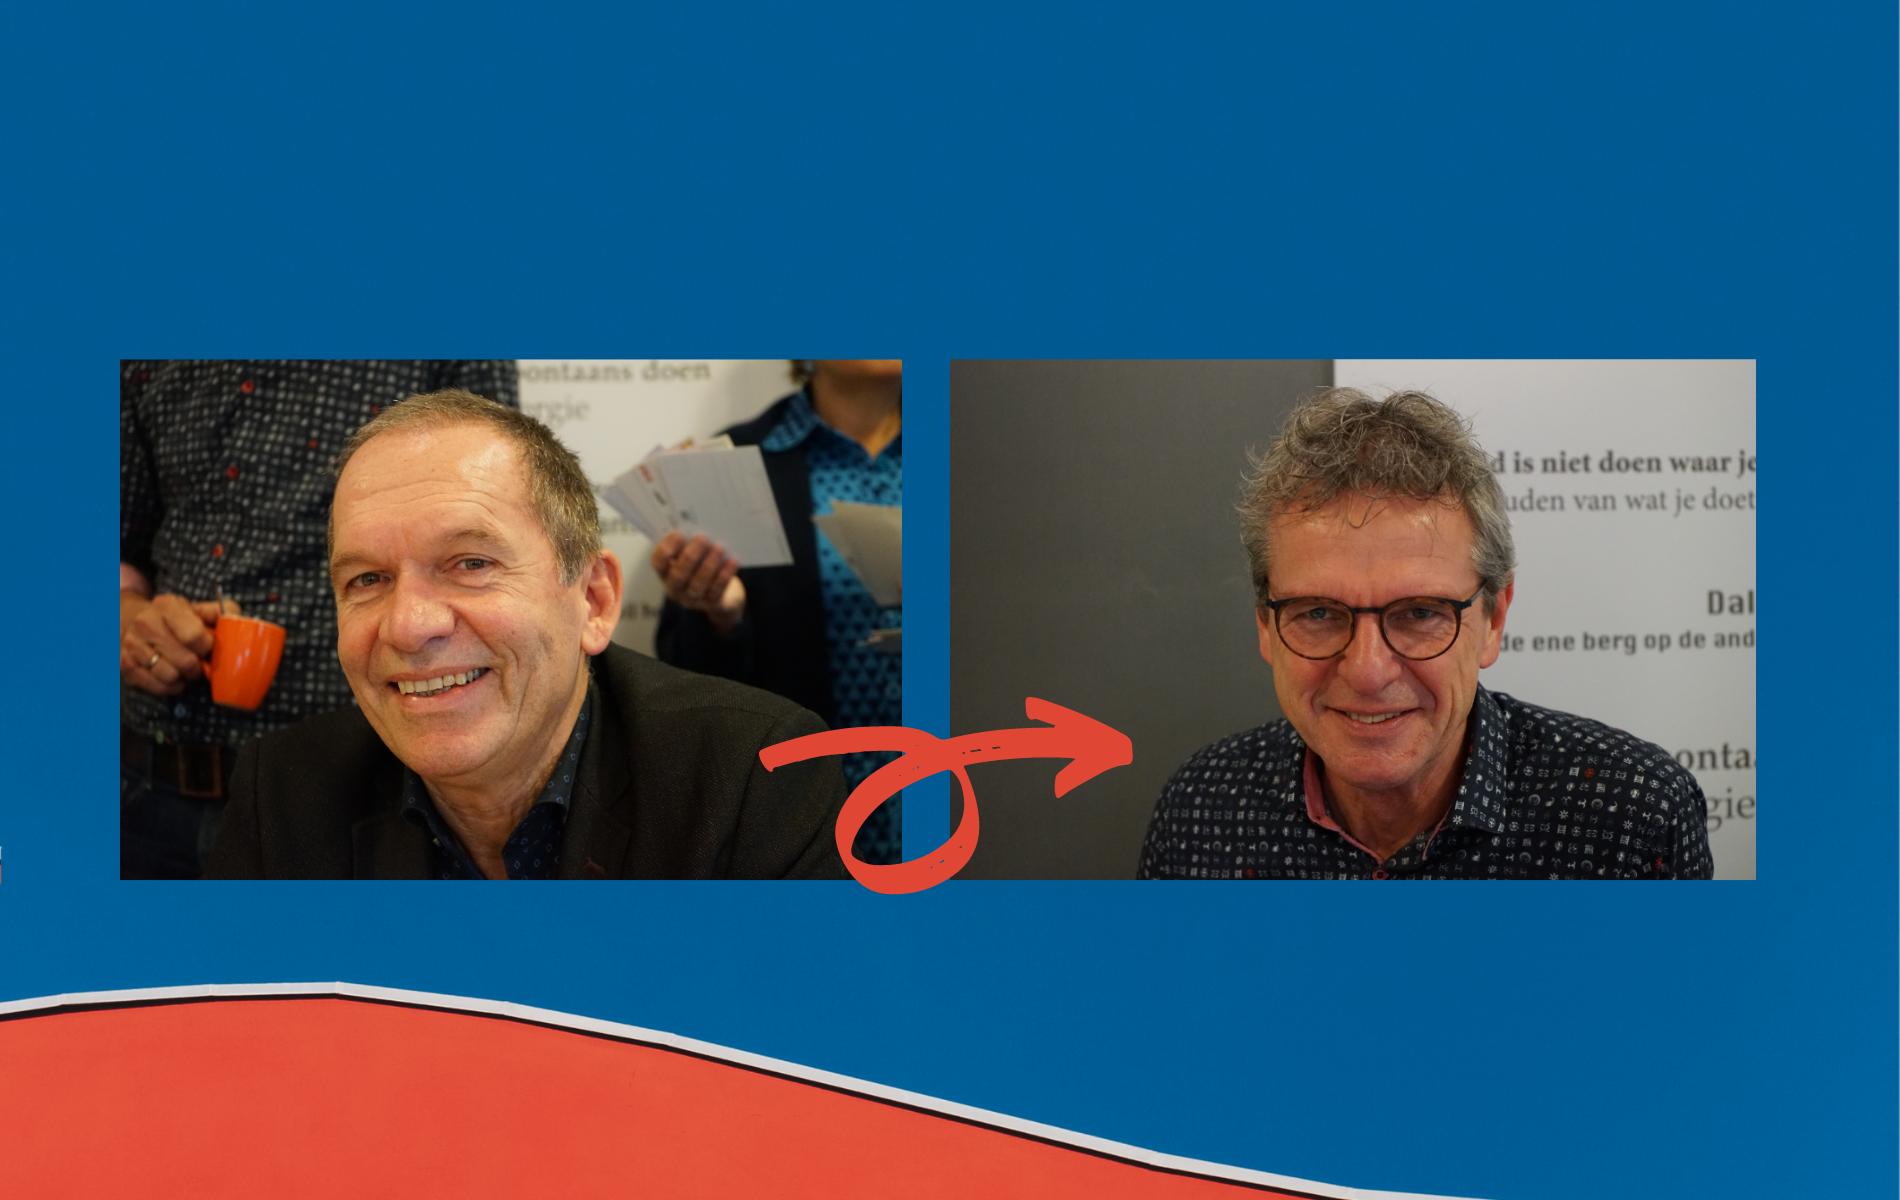 plaatje van Koos Pluymert geeft het stokje over aan Wim Bos